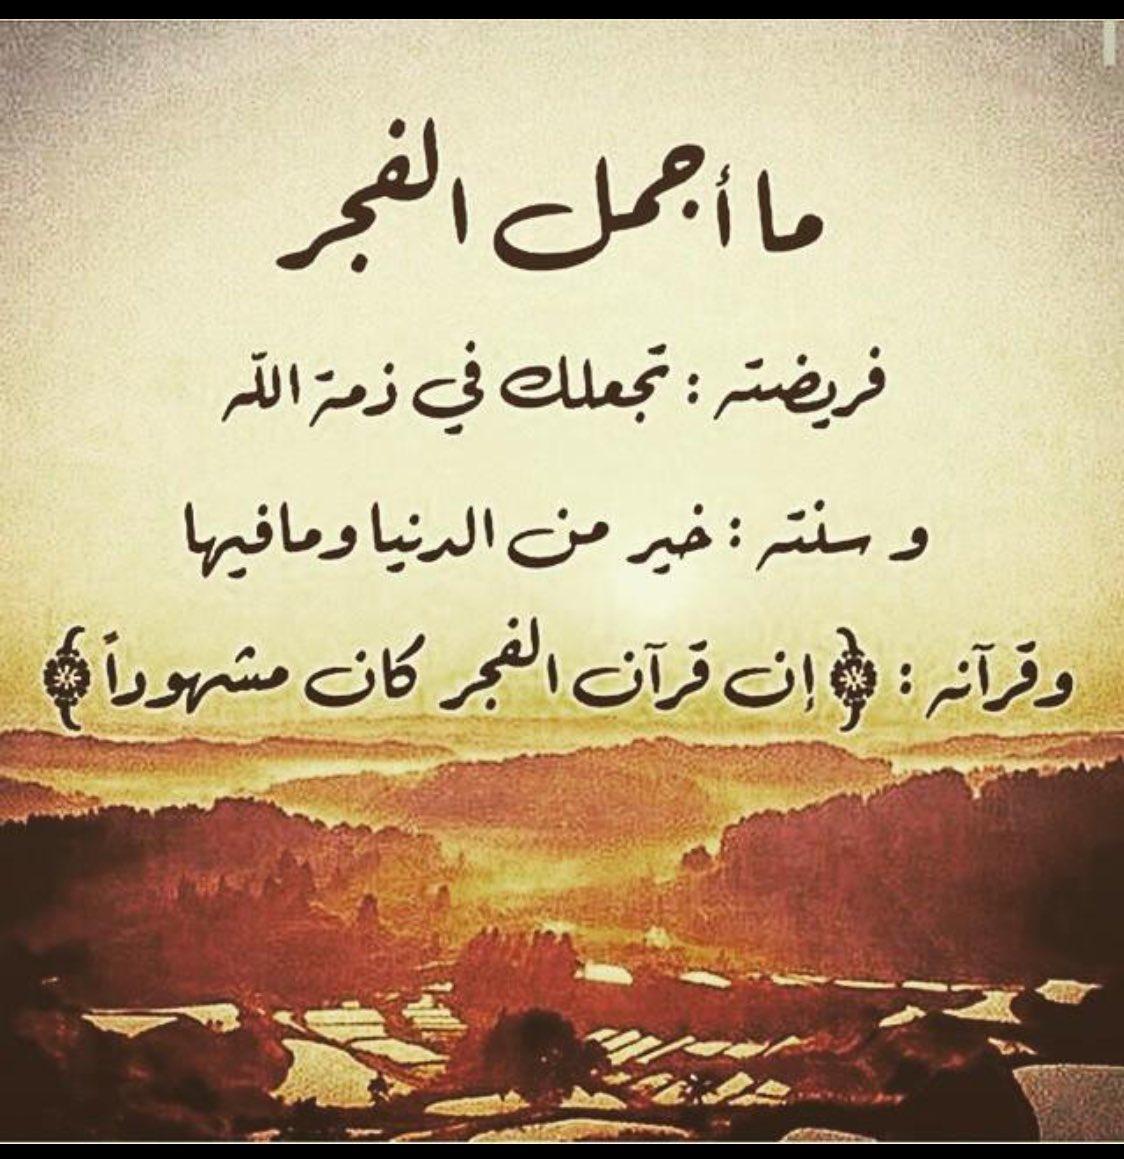 نايف العساكر On Twitter الفجر فريضة تجعلك في ذمة الله وسنتـه